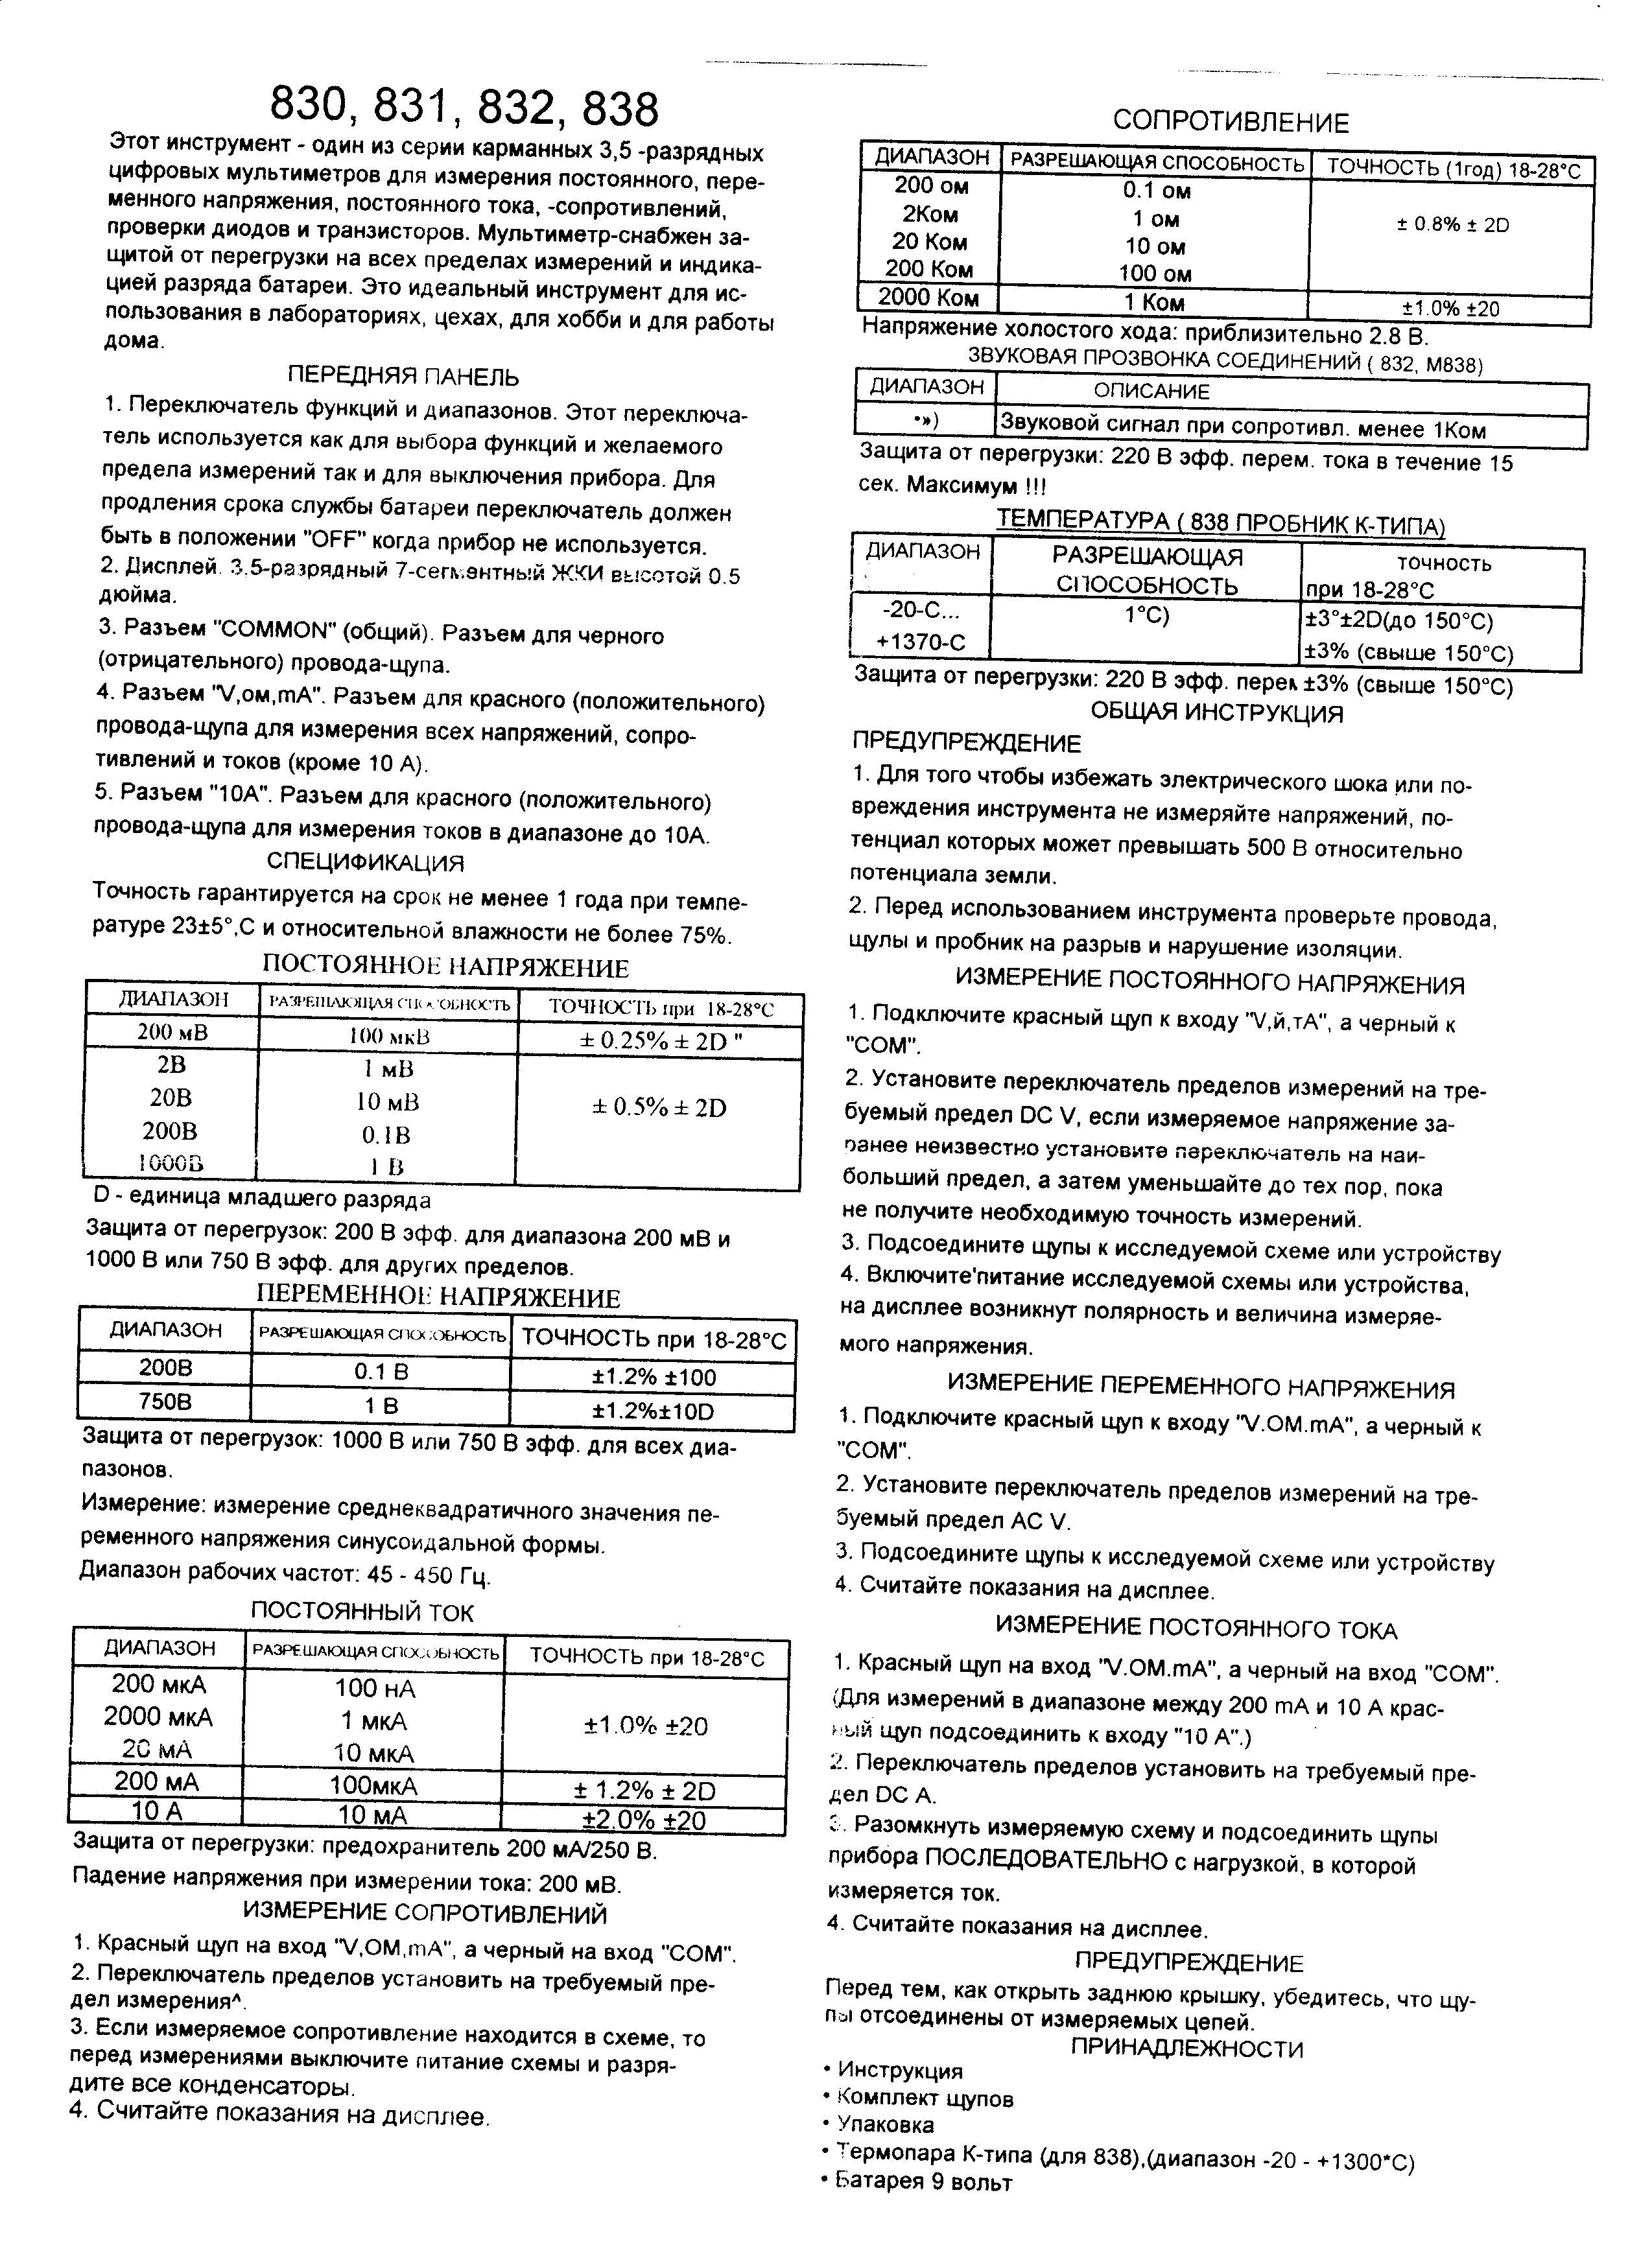 Цифровые мультиметры dt830, dt 838 и m932 - схемы и фото